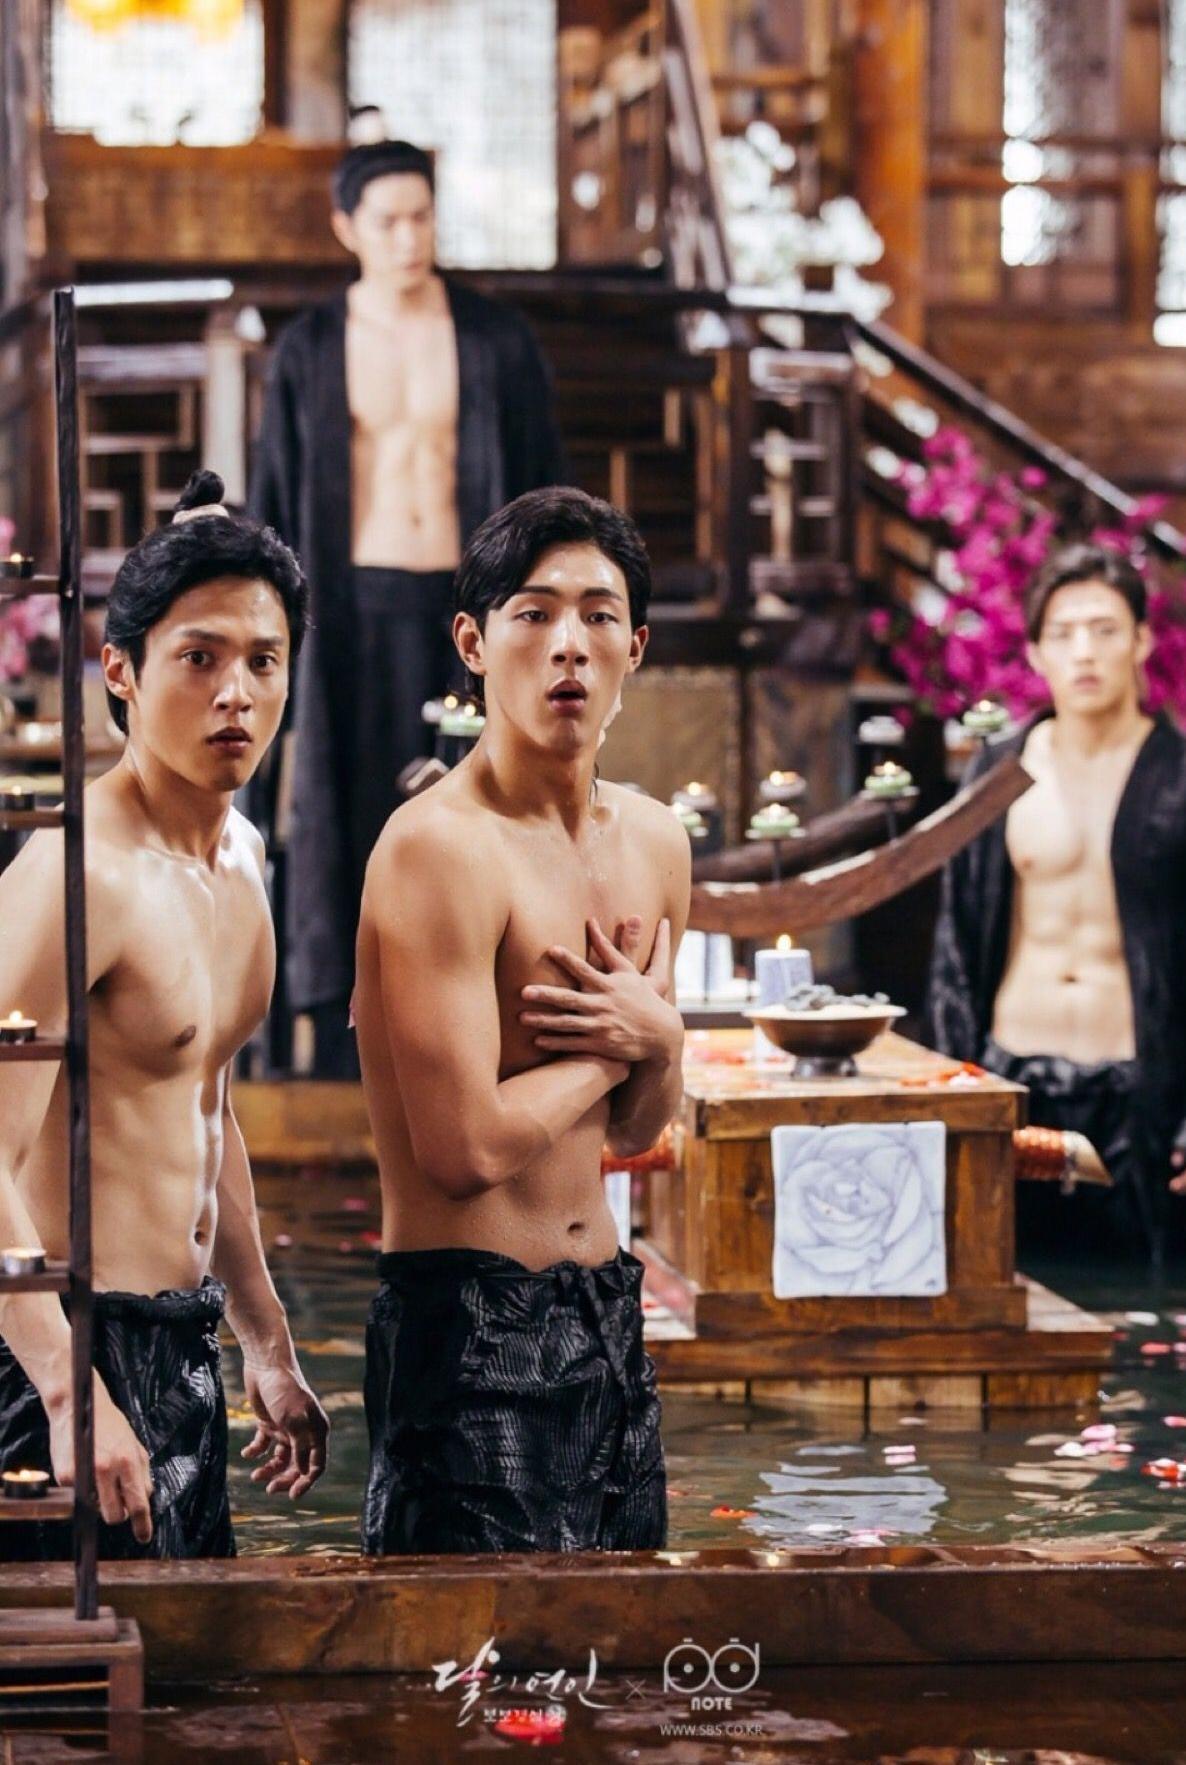 男男戏水,韩版《步步惊心》这画风好像打开了太子妃